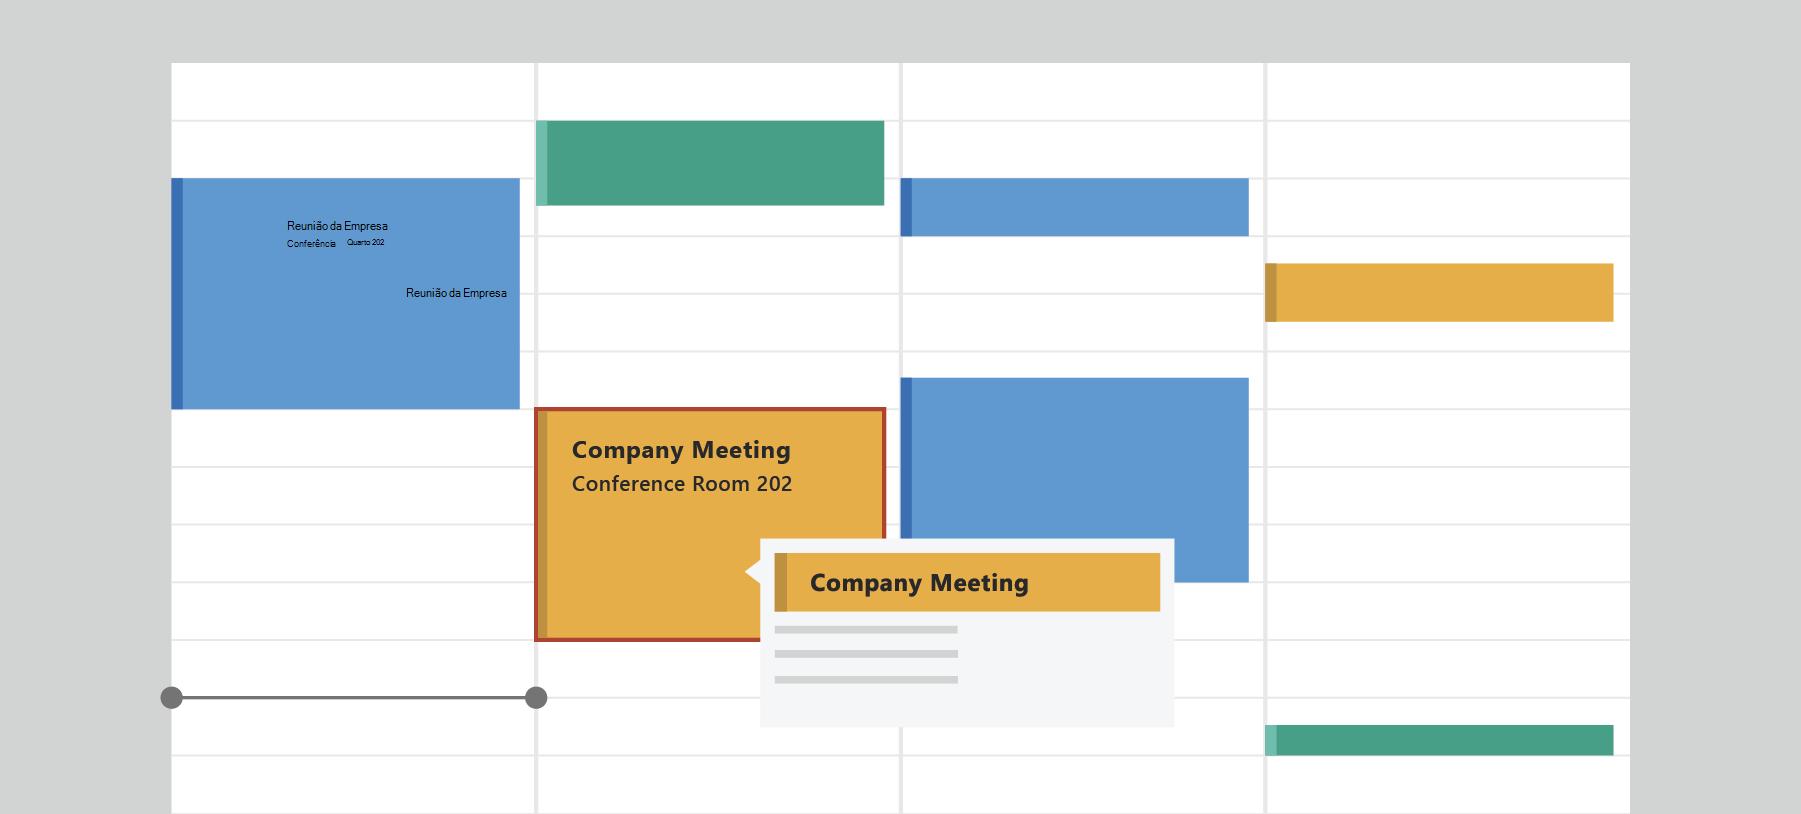 Mostra o Calendário do Outlook